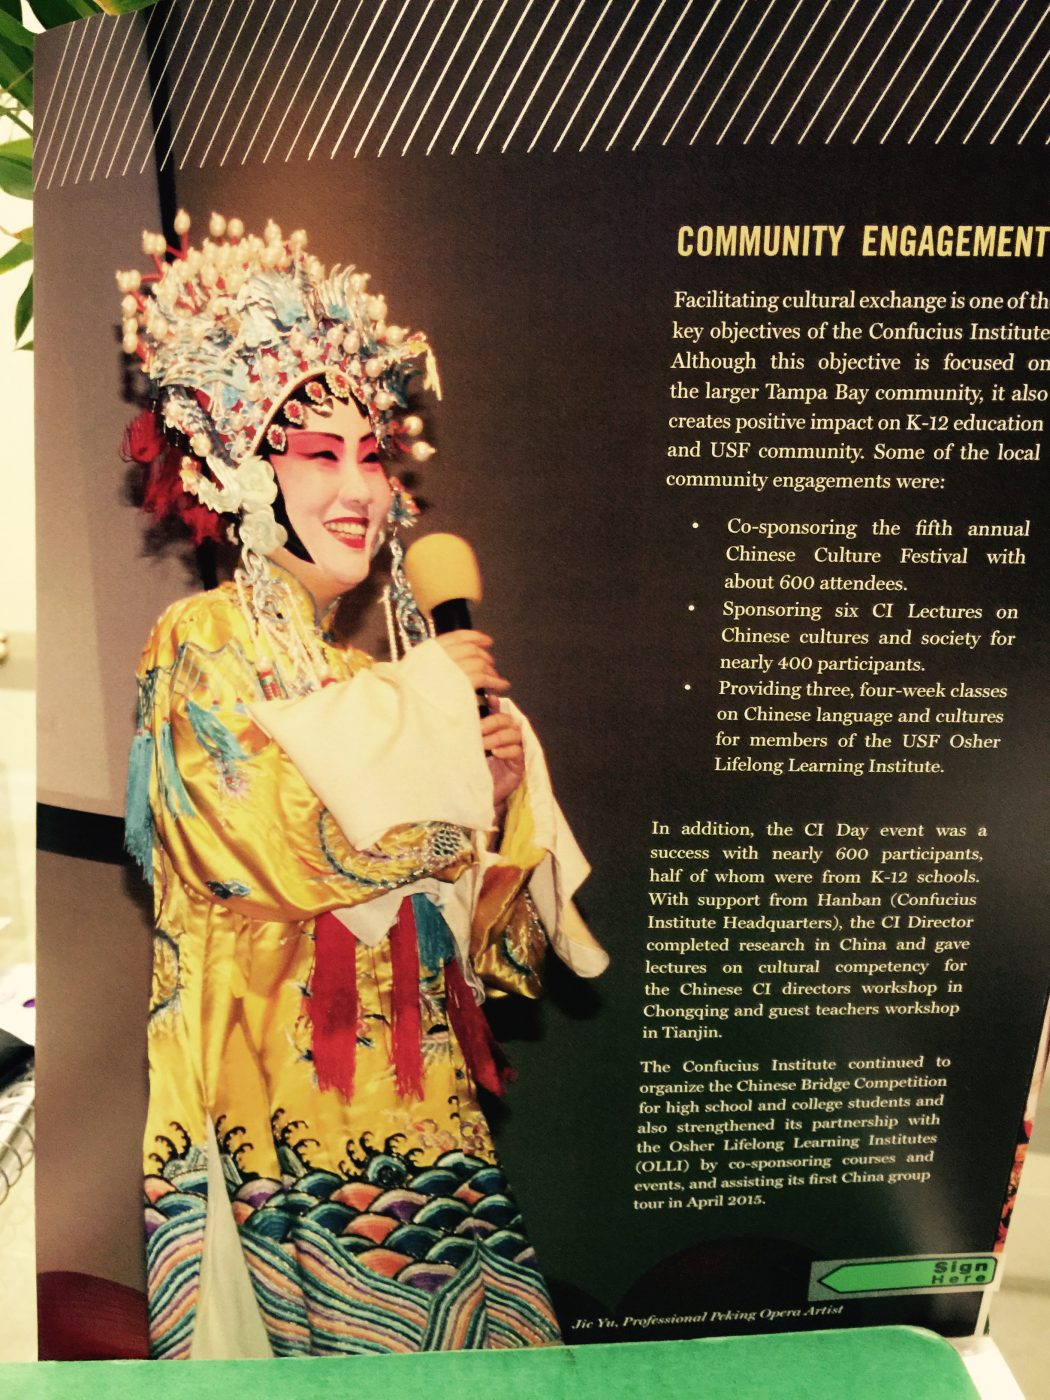 Jie Yu, introducing Chinese culture via Peking Opera